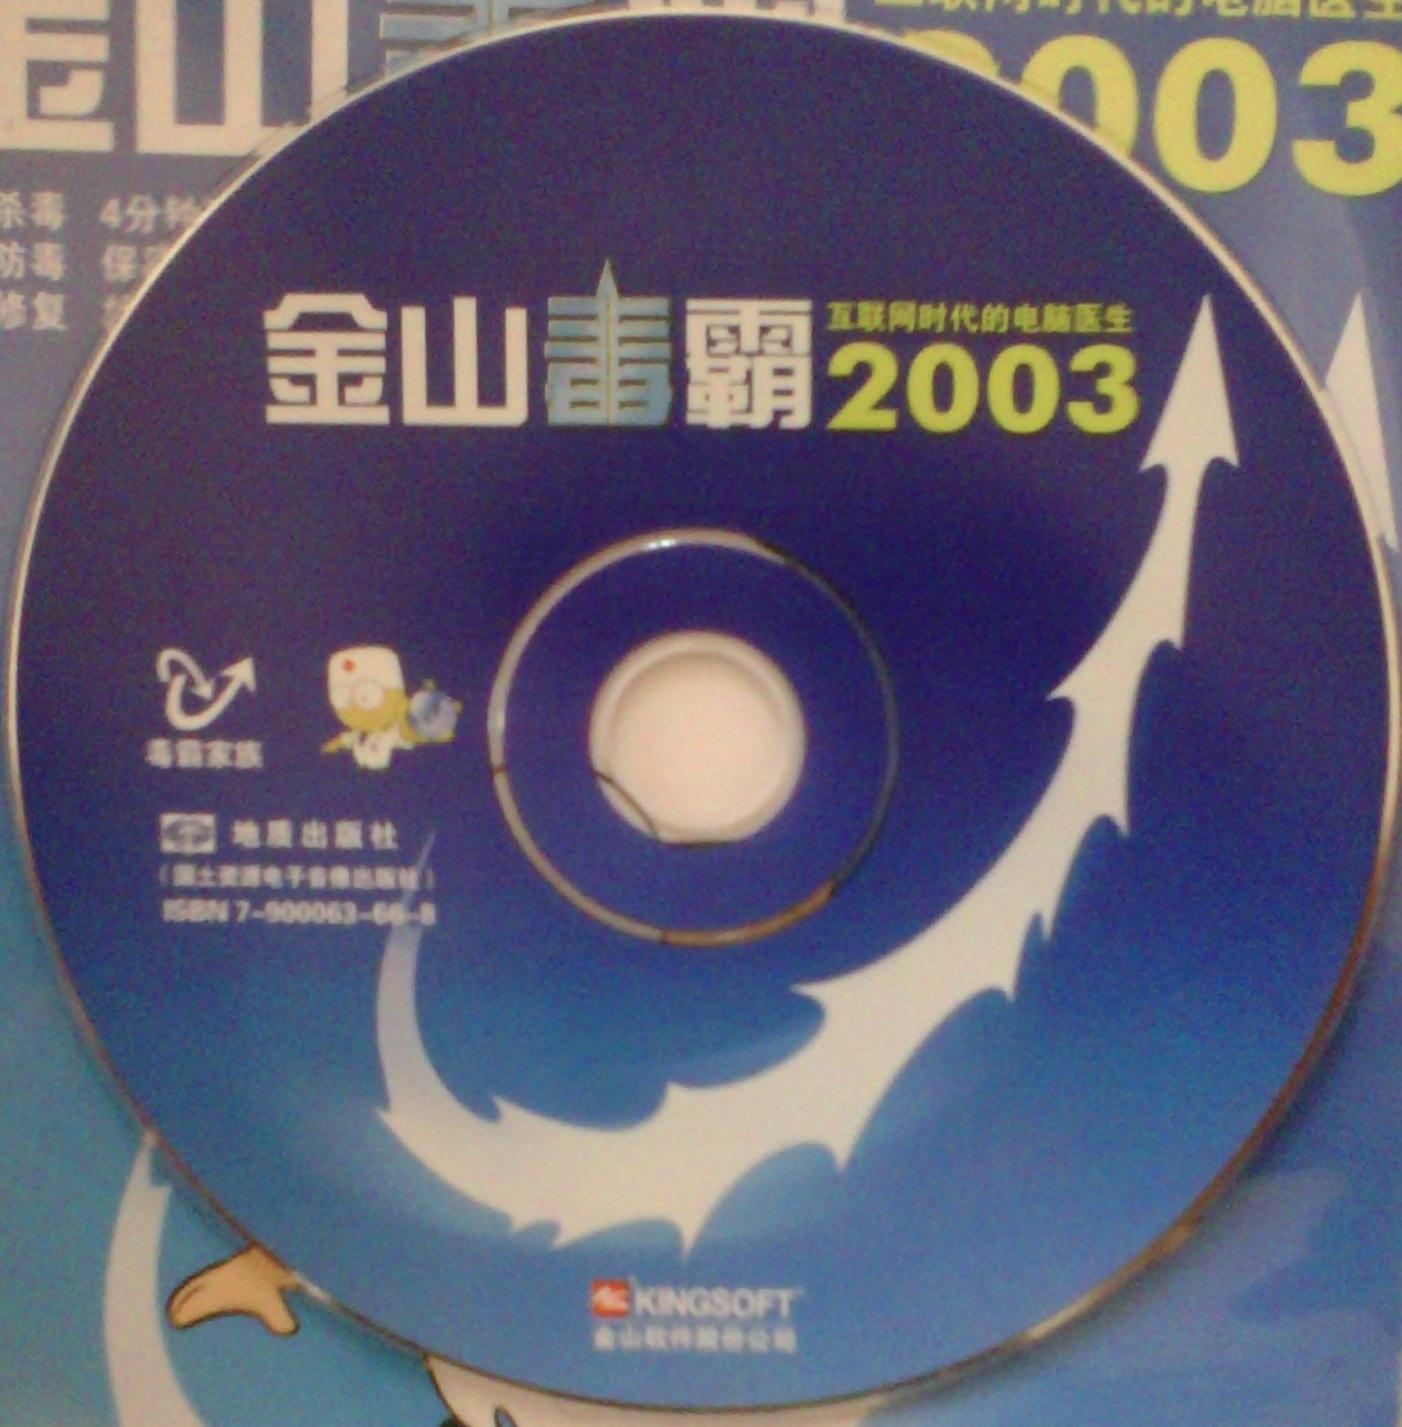 【金山毒霸〖2003〗光盘】.jpg